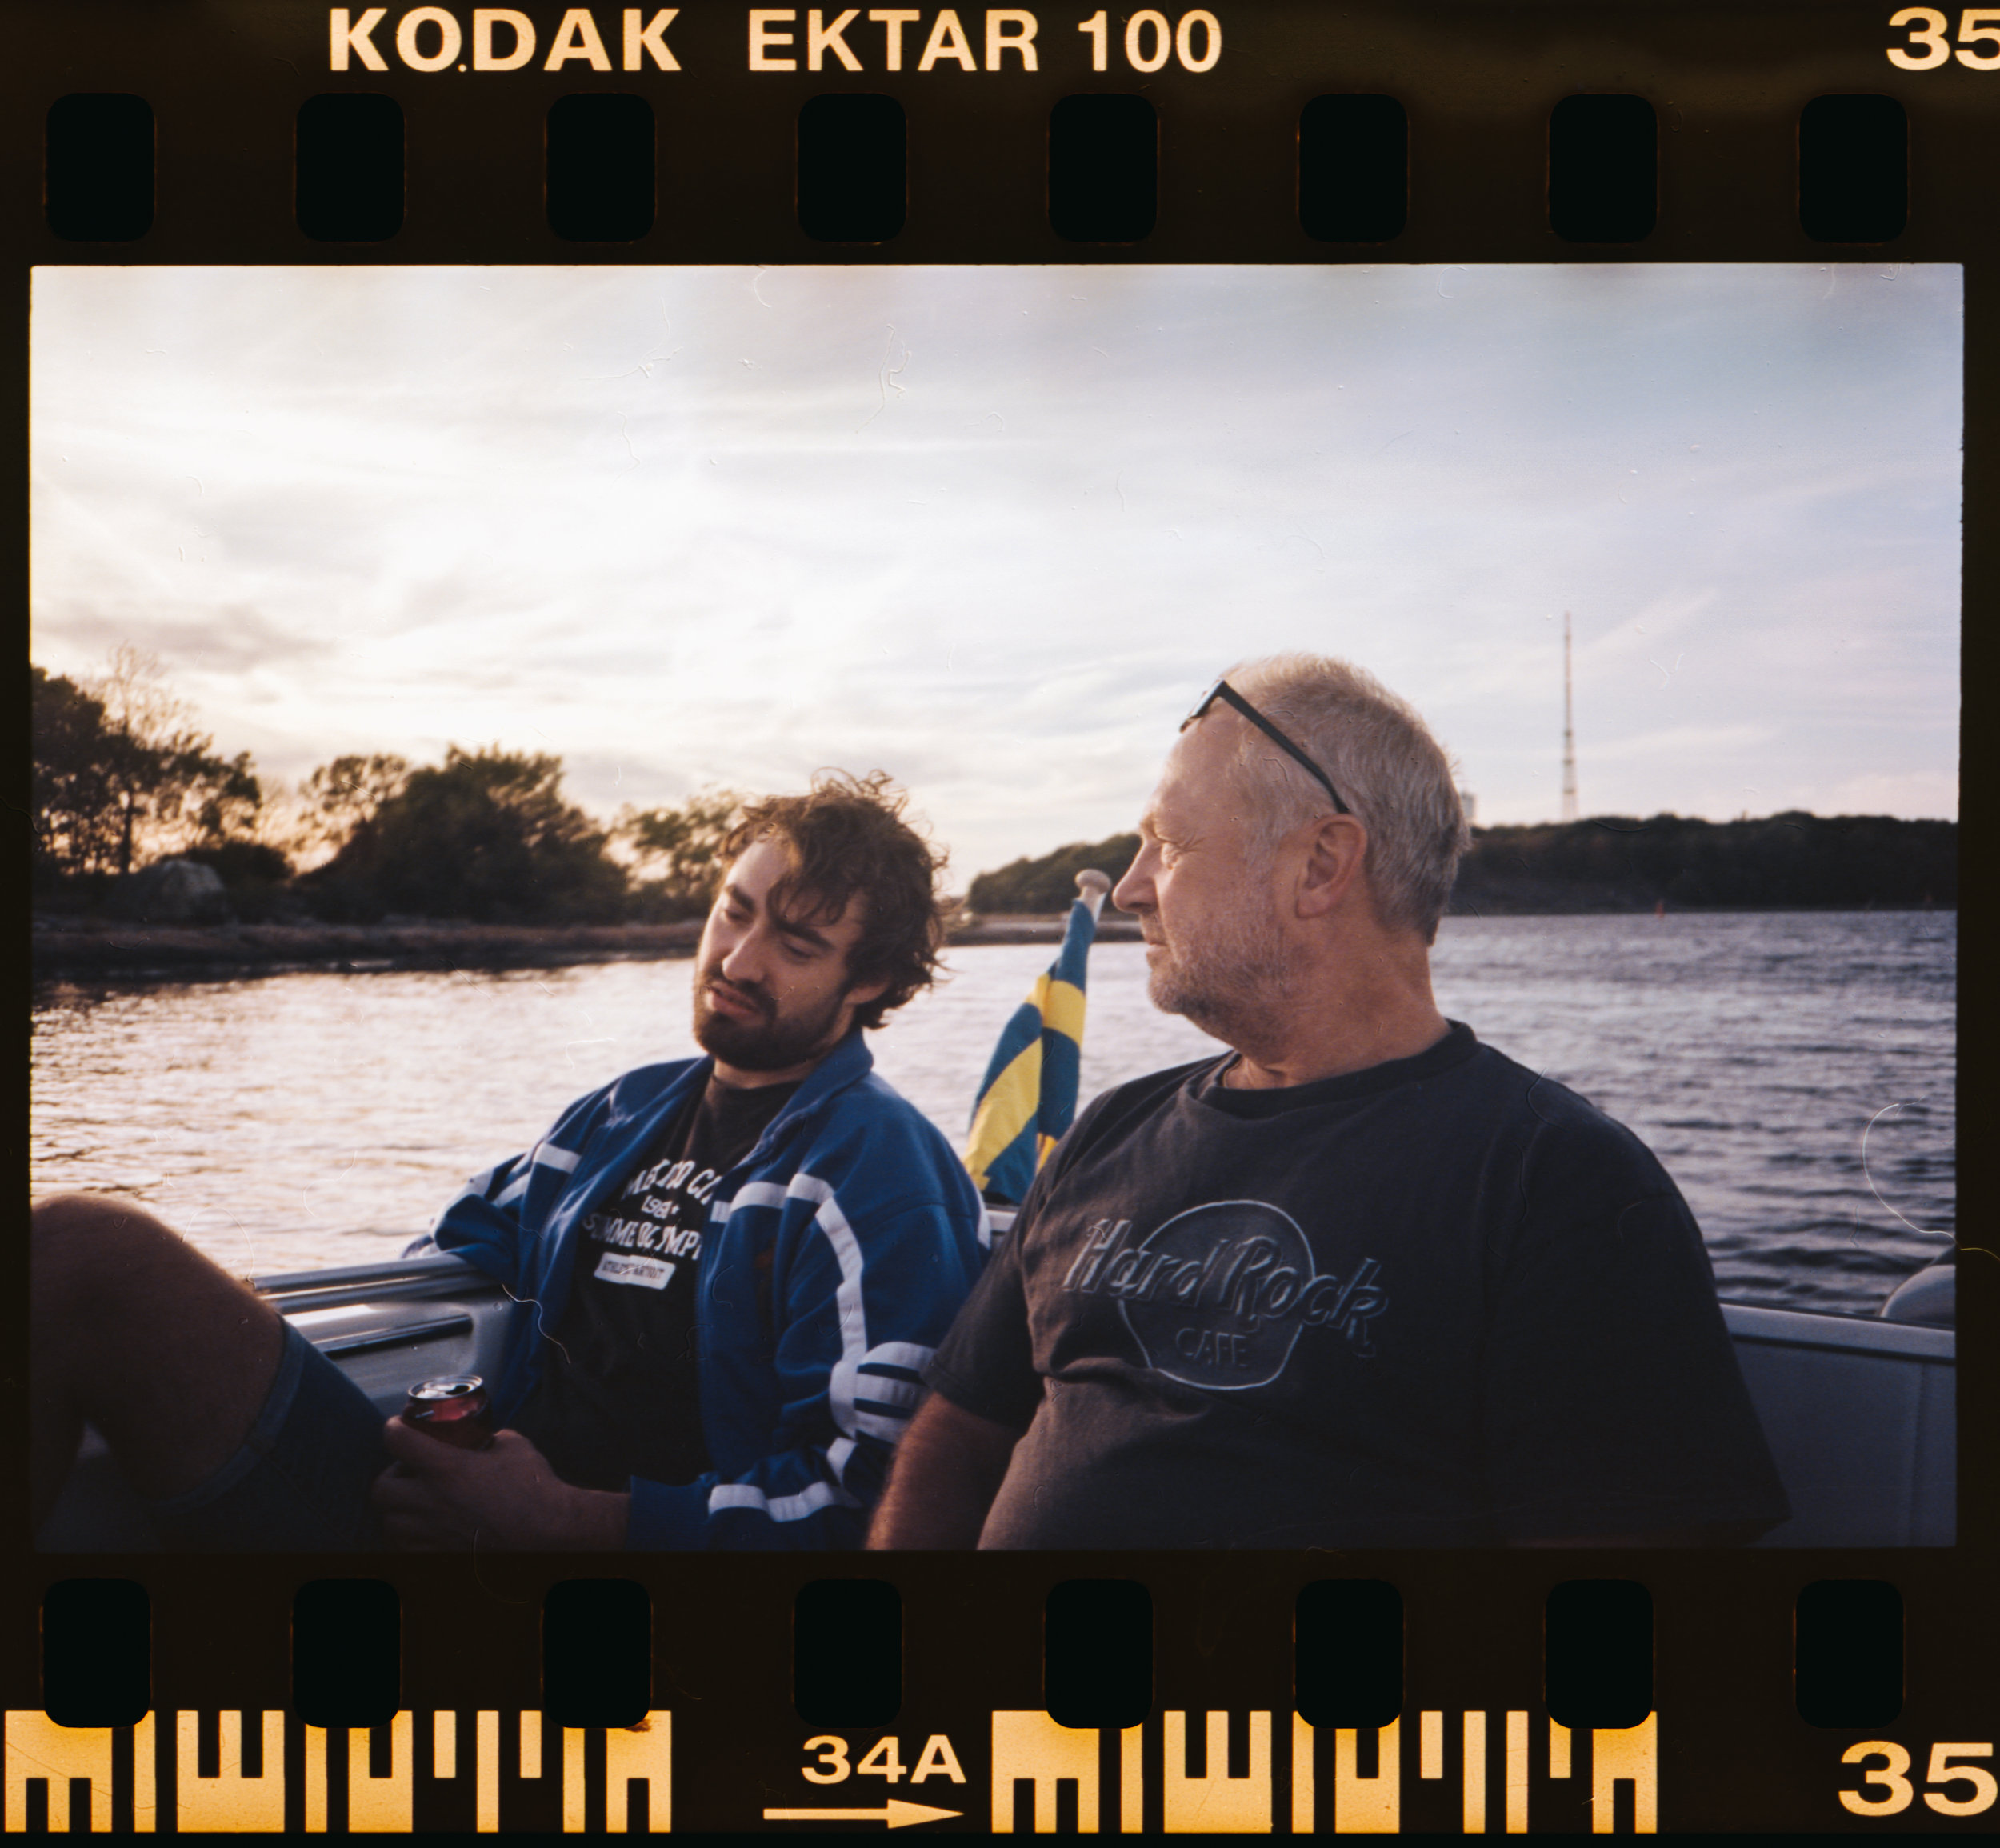 Boating / Kodak Ektar 100 / Olympus Mju I